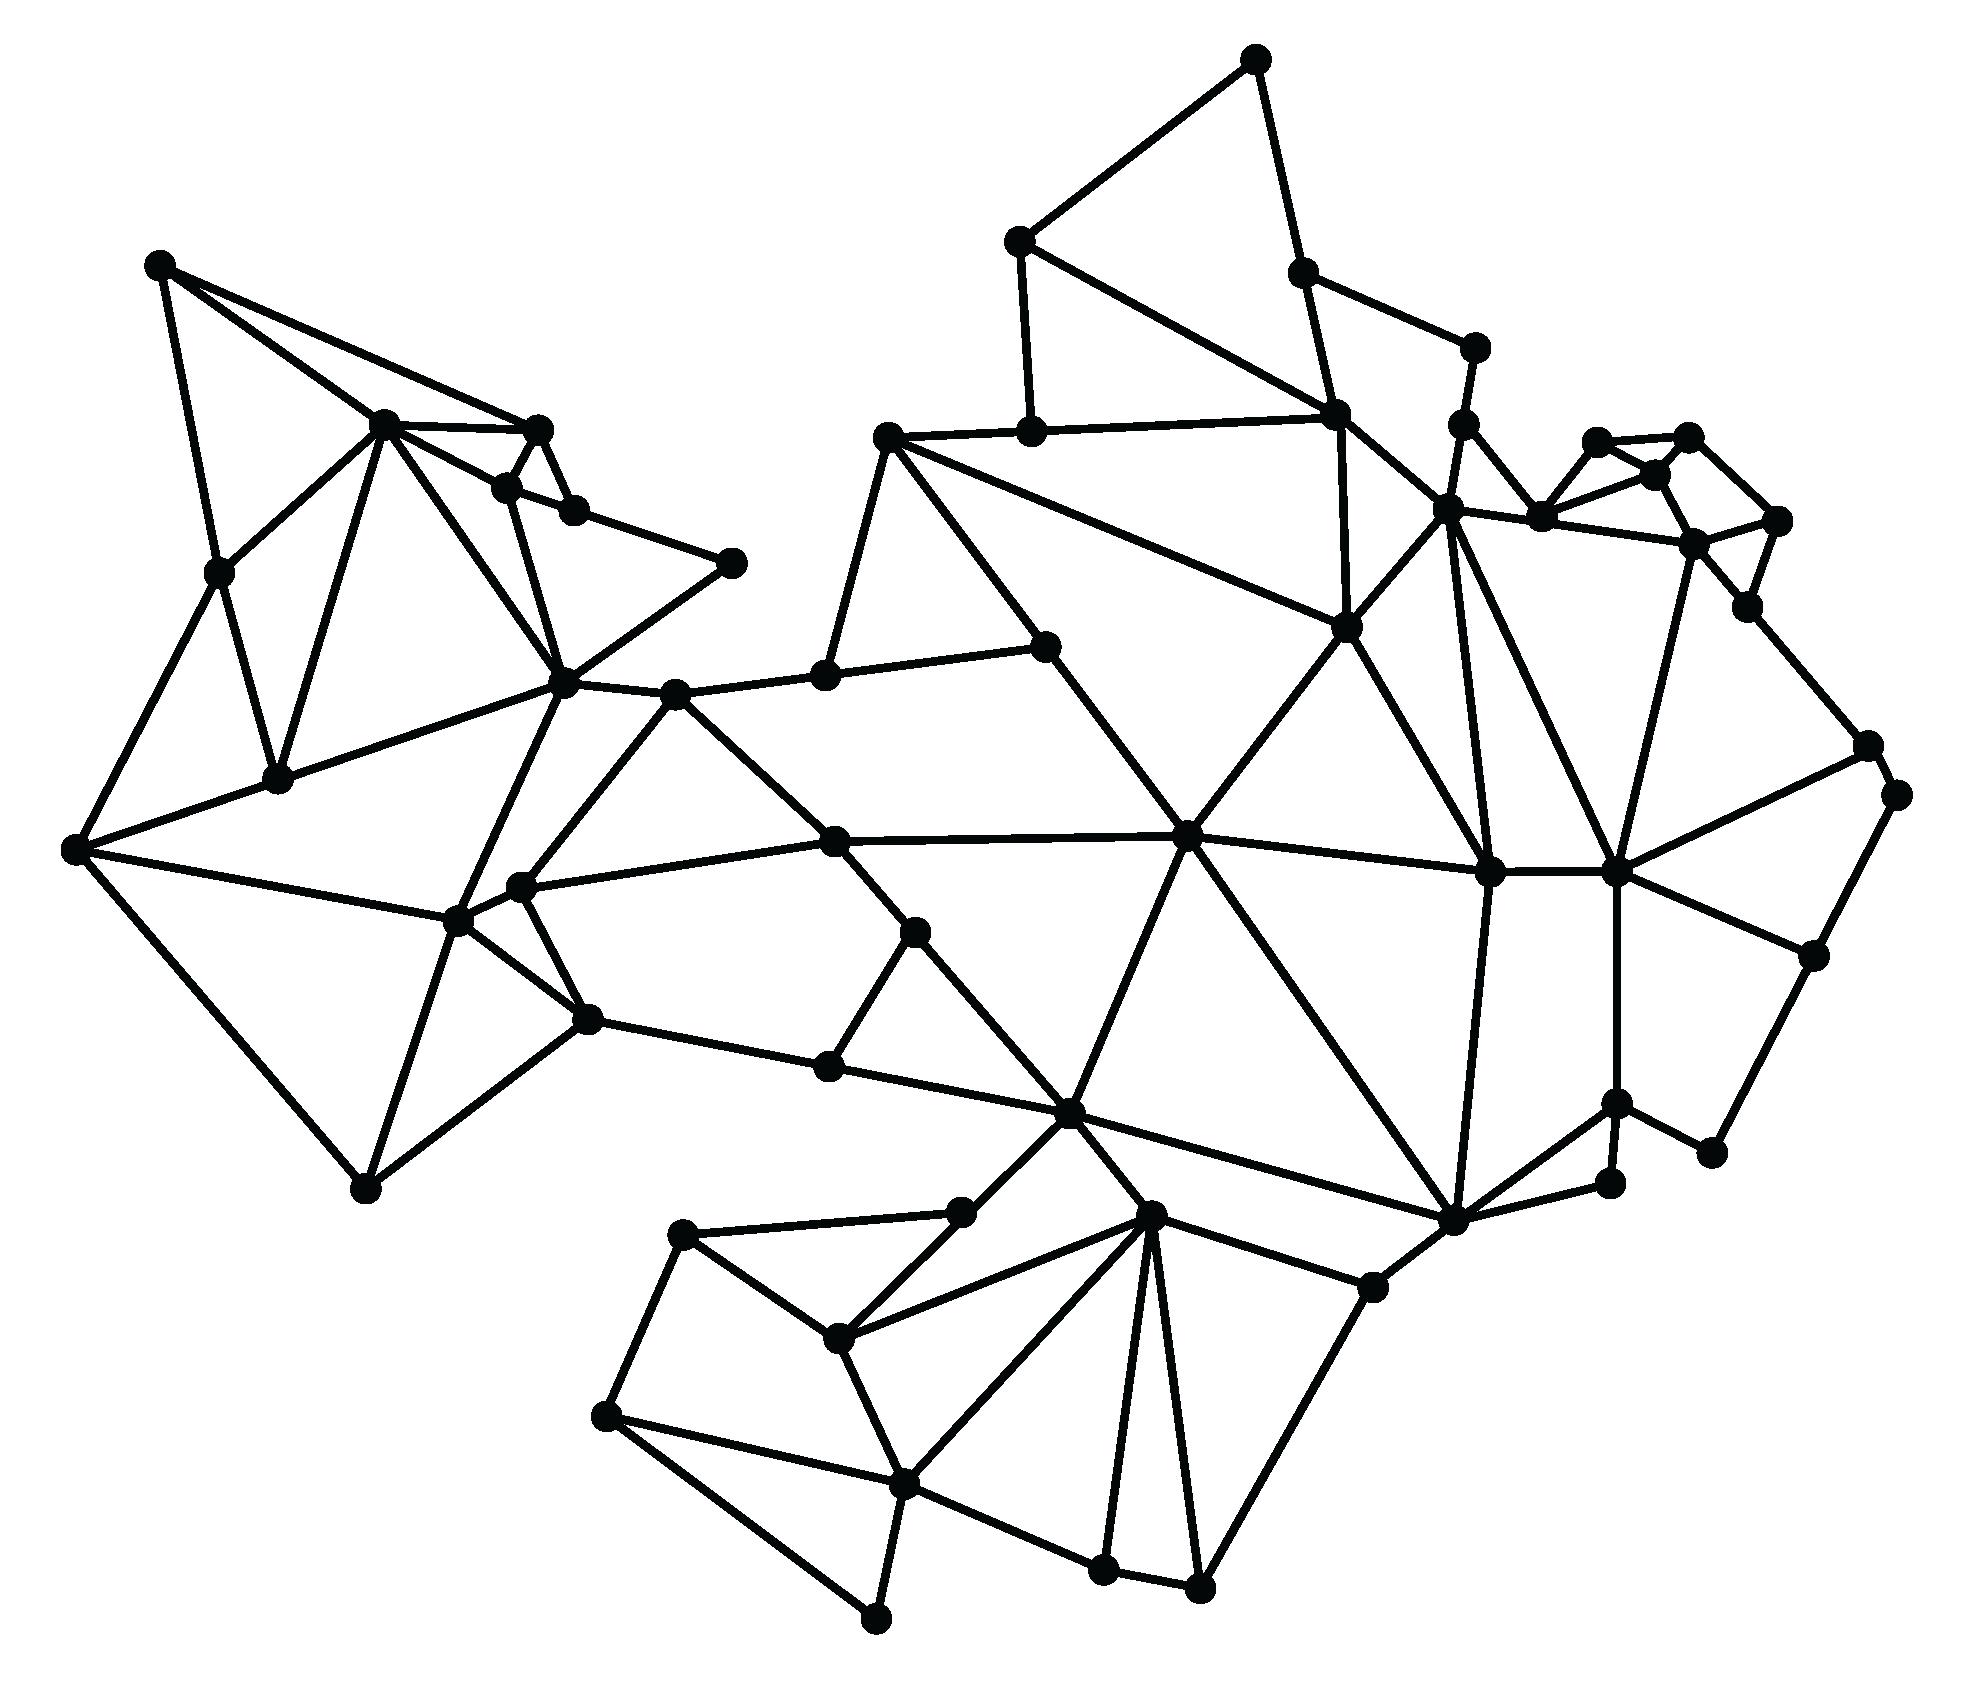 Geometric Overlay Edit Kpop Kpopedit Kpop Edit Needs Pinterest Overlays